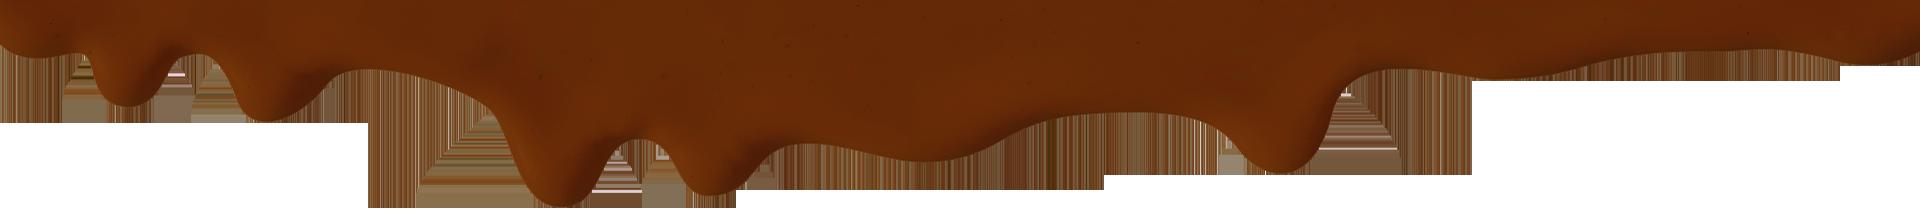 http://glaglaglagla.fr/wp-content/uploads/2020/11/chocolate.png